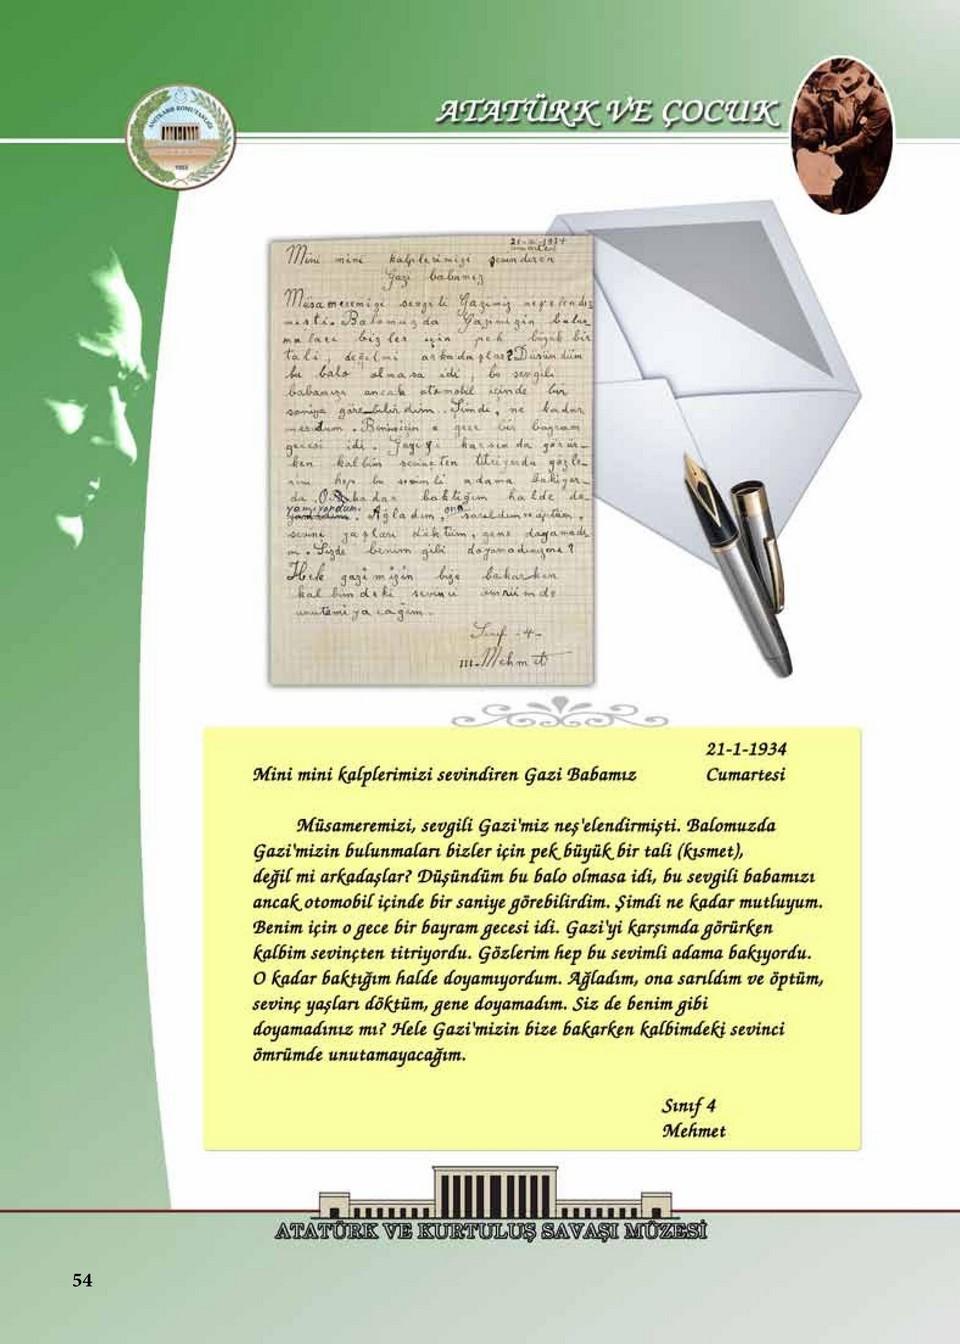 ataturkvecocuk-page-056